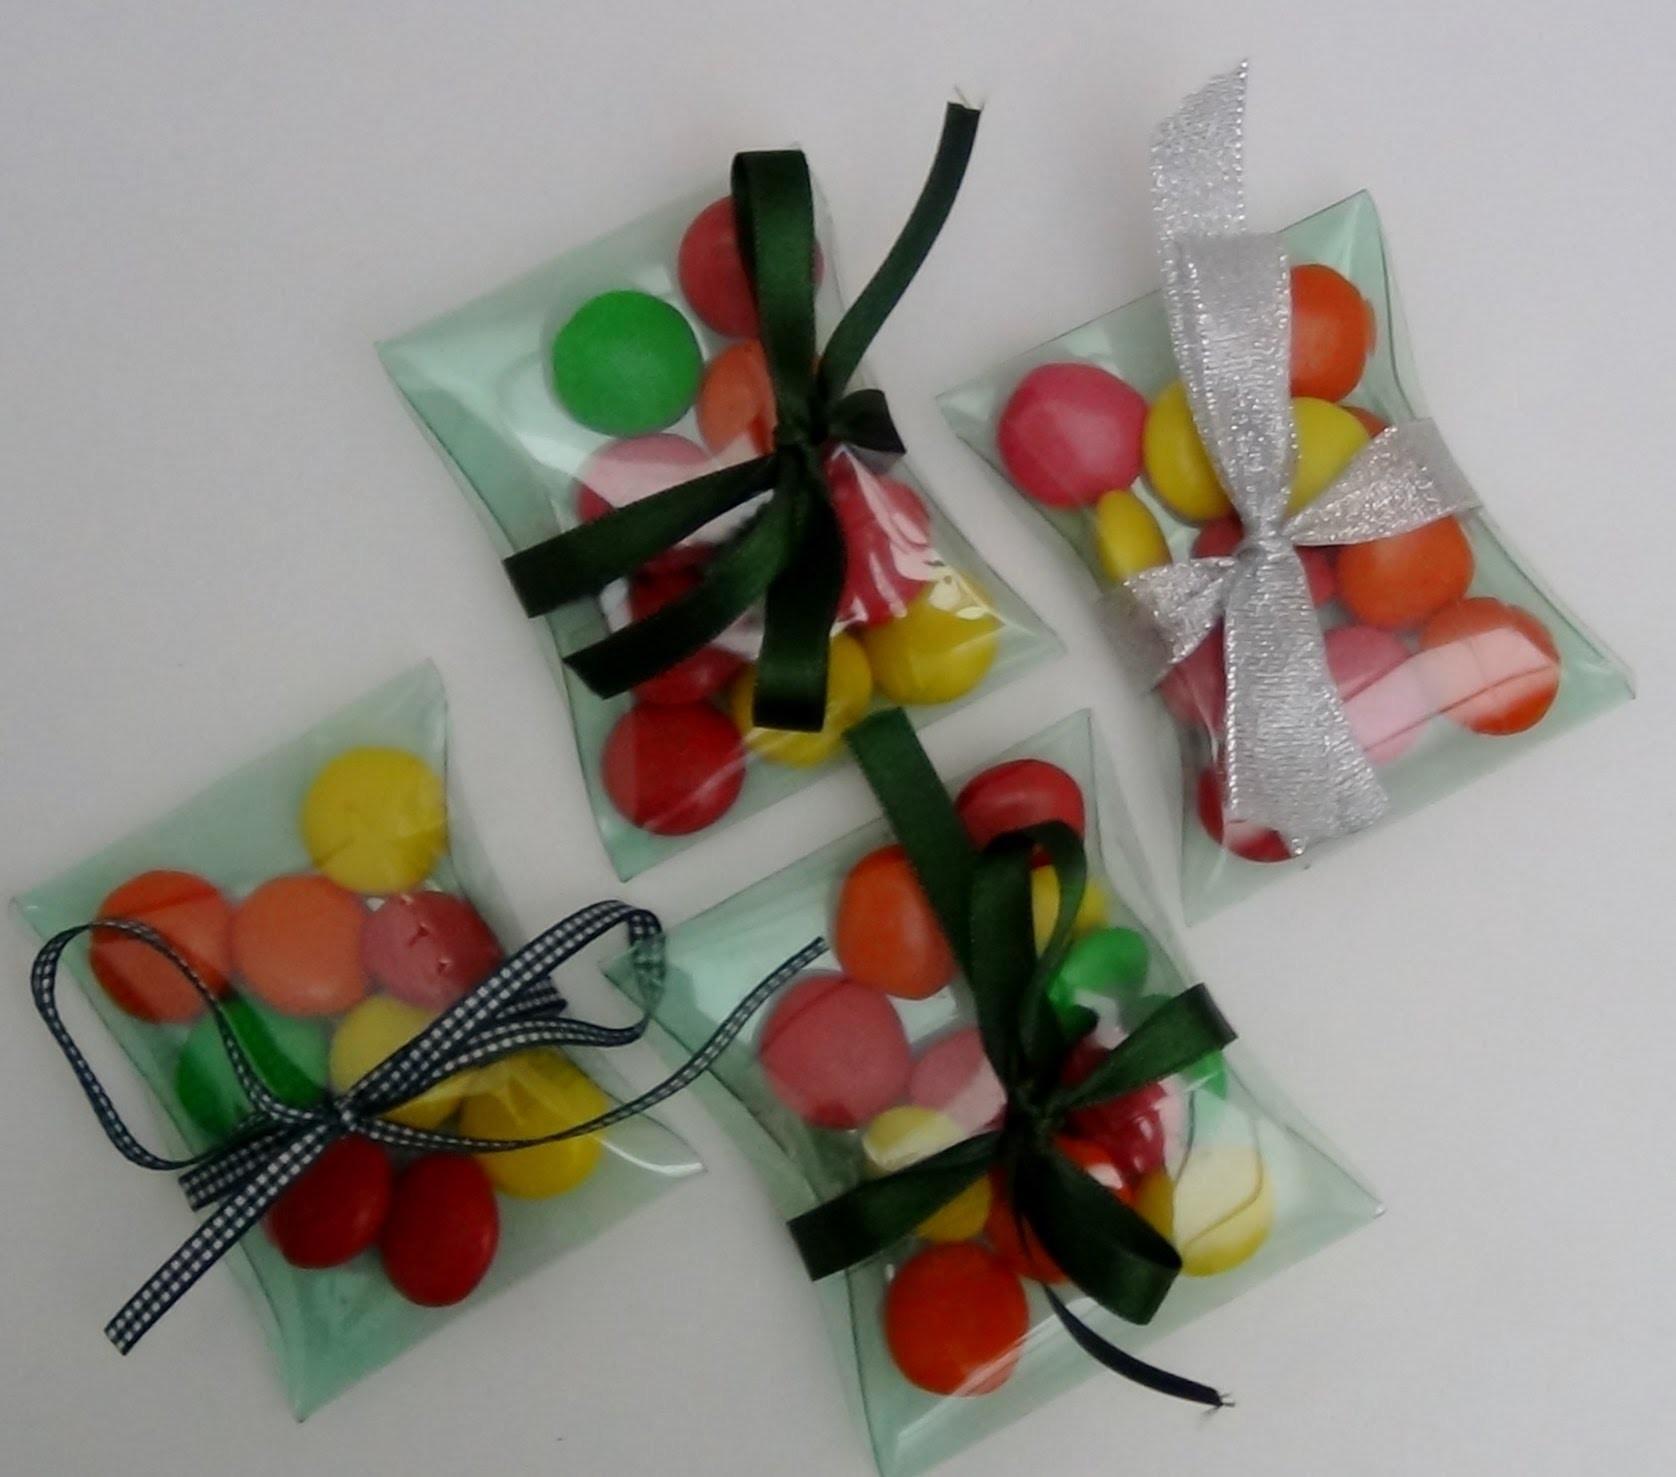 Cómo hacer cajas de regalo - bomboneras - dulceros con botellas de plástico - Boxes plastic bottles